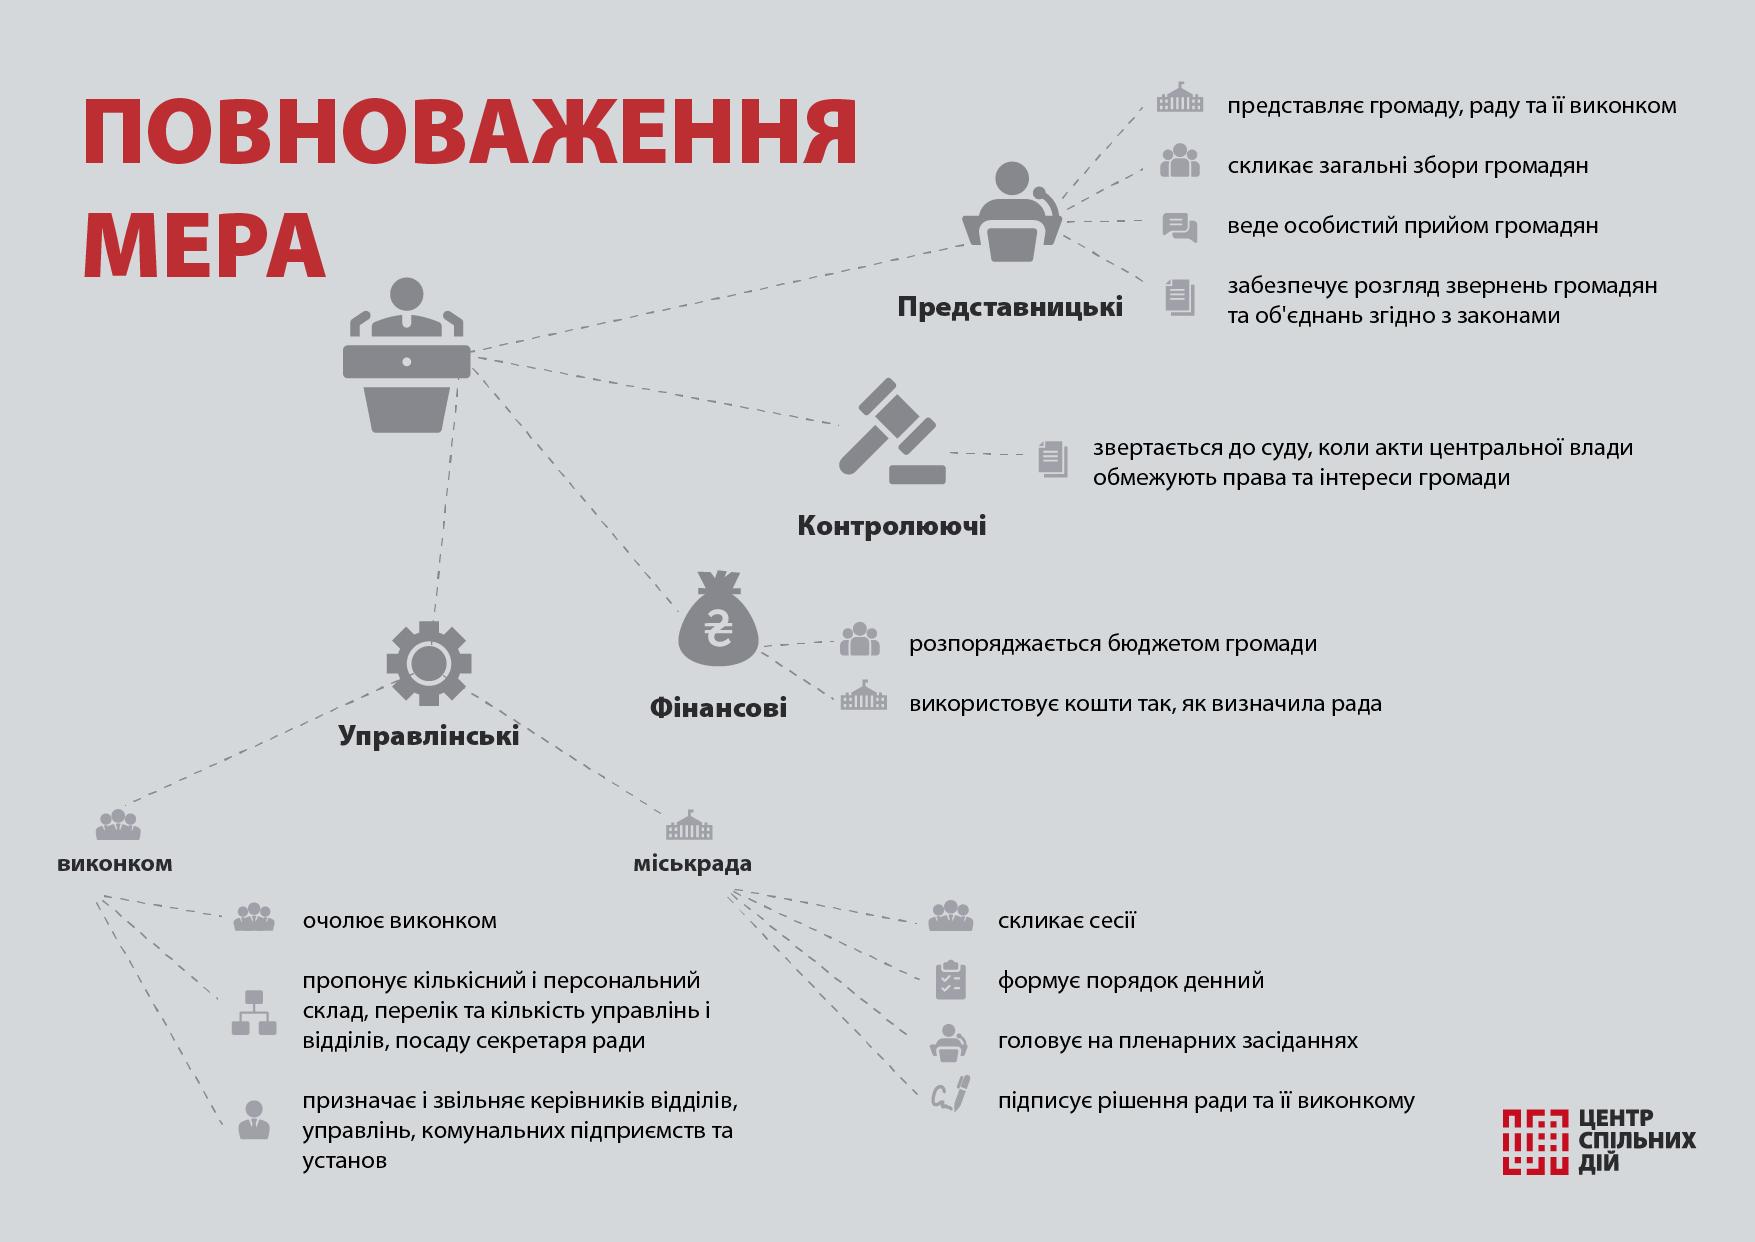 повноваження українського мера